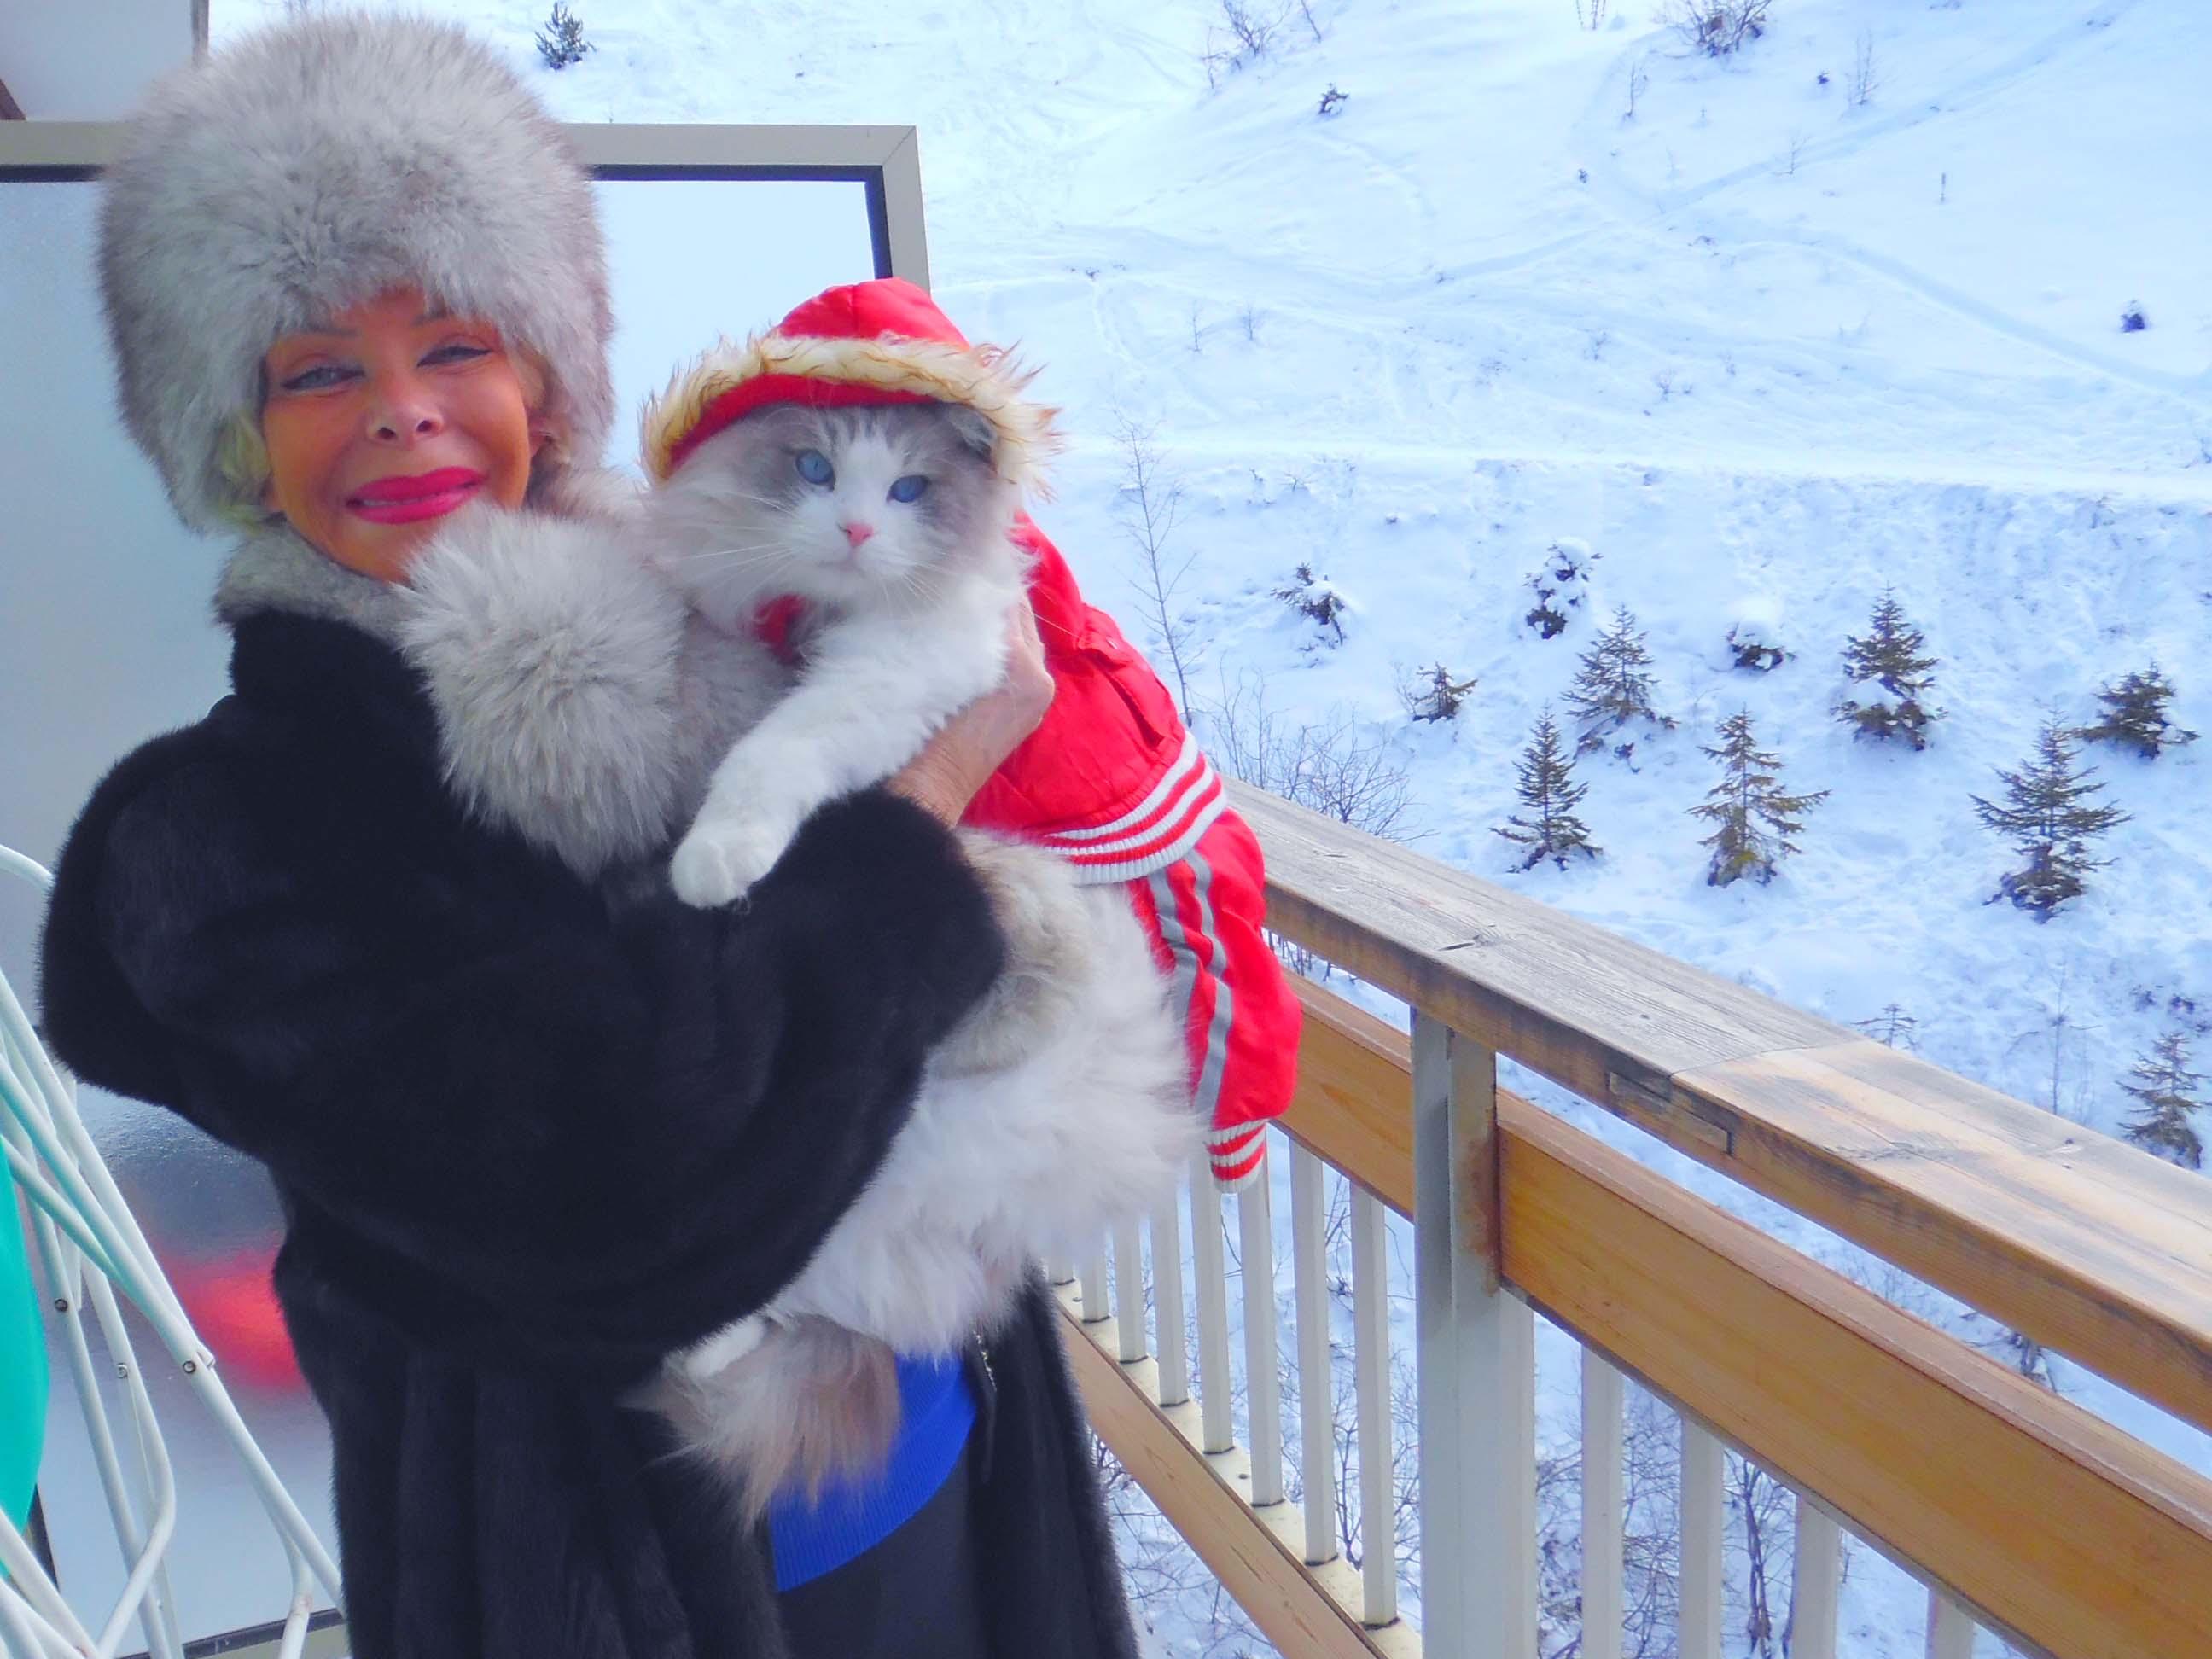 """En vacances à la neige avec son inséparable chat Félix, en vacances à Courchevel: """"C'est un ragdoll, un aristochat, il représente tout pour moi... Je l'emmène partout avec moi"""""""